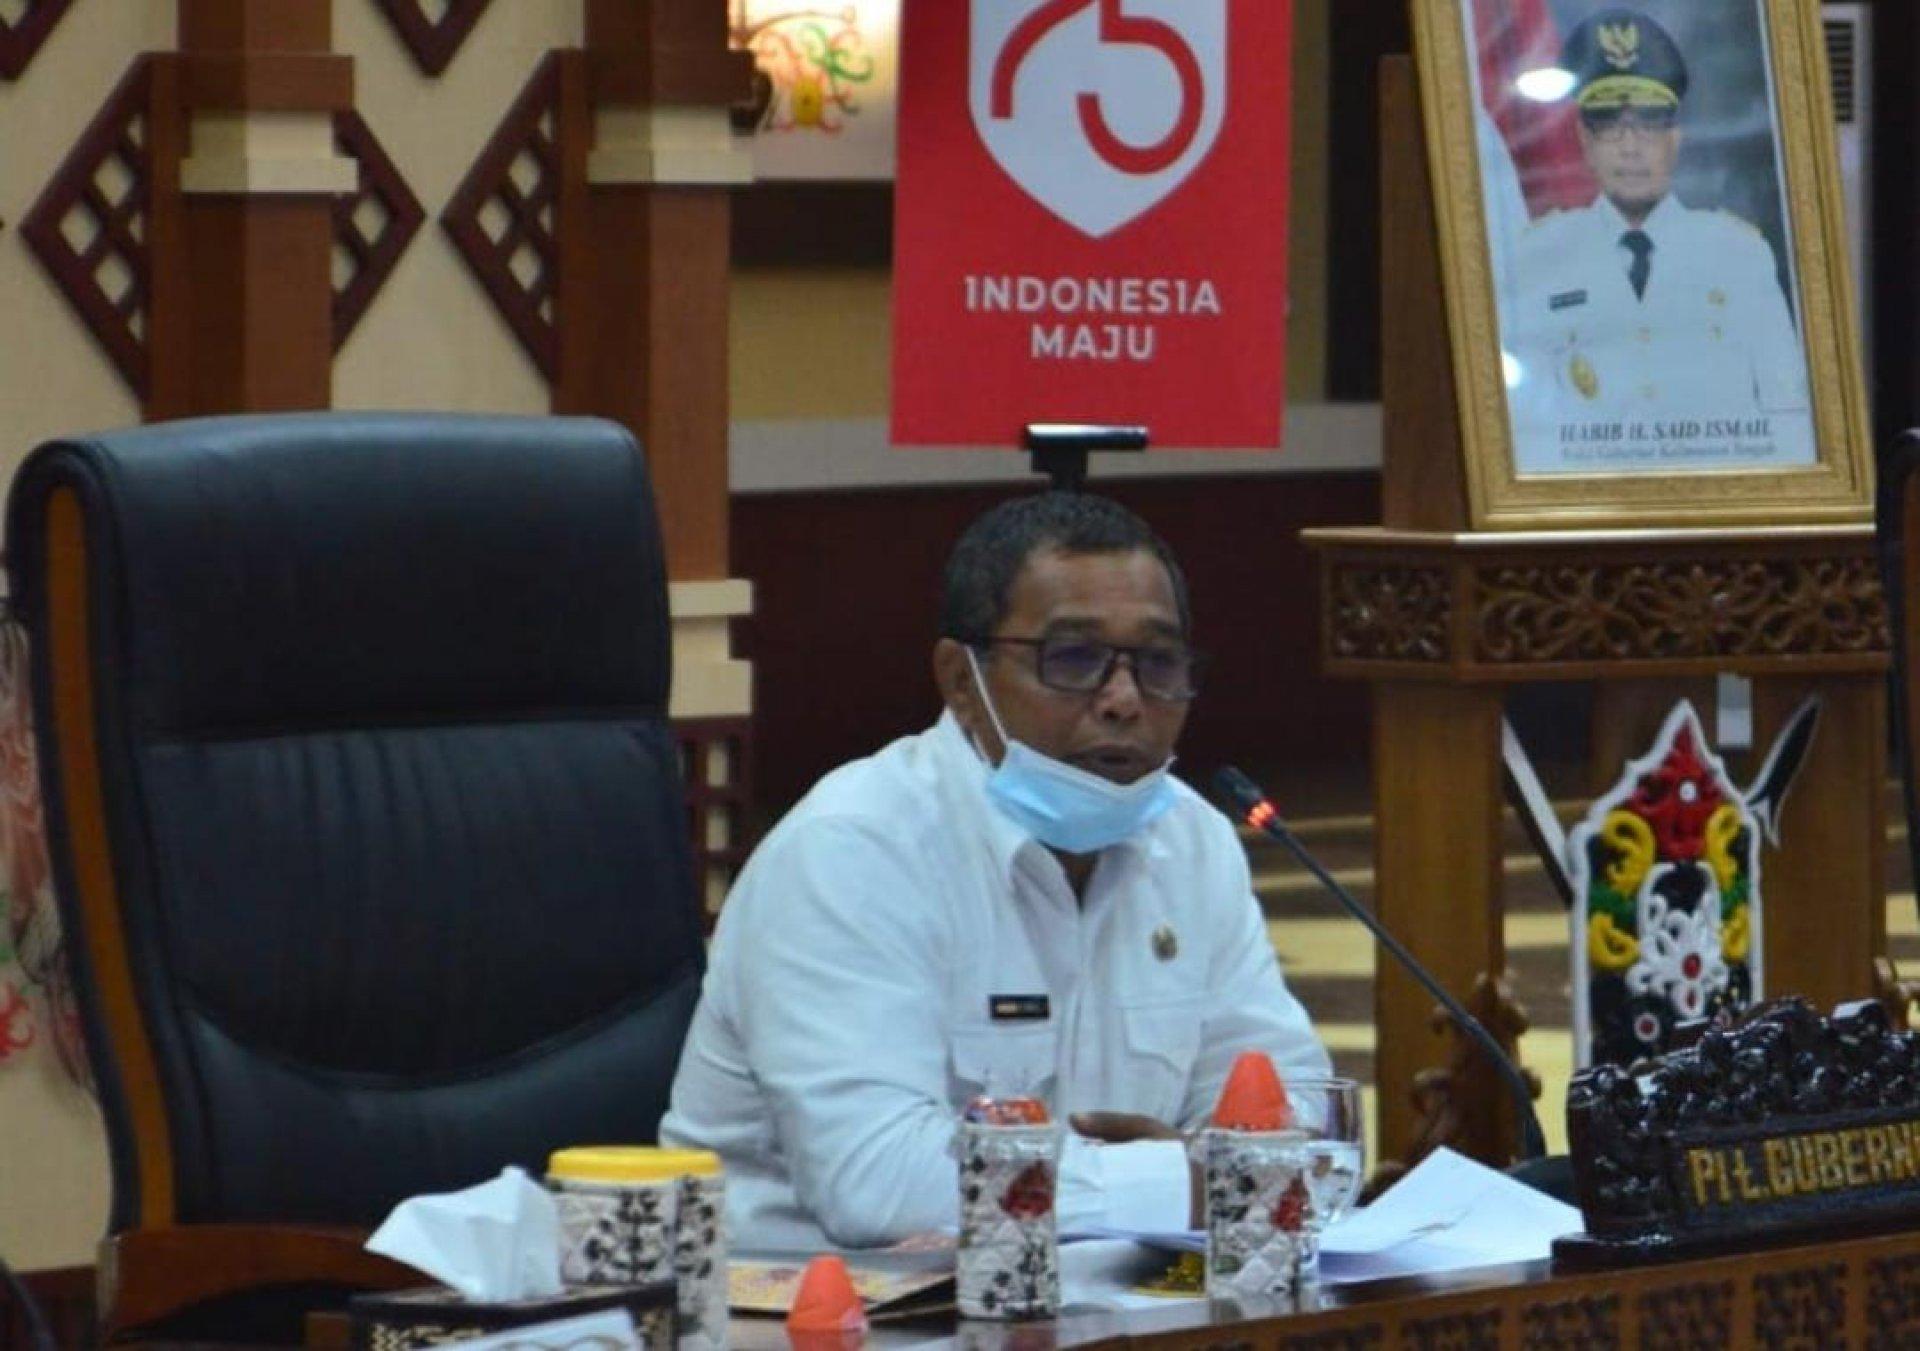 Lonjakan Kasus Covid-19, Plt. Gubernur Gelar Rapat dengan Pemerintah Kabupaten/Kota Se-Kalteng Perkuat Sinergi Penanganan